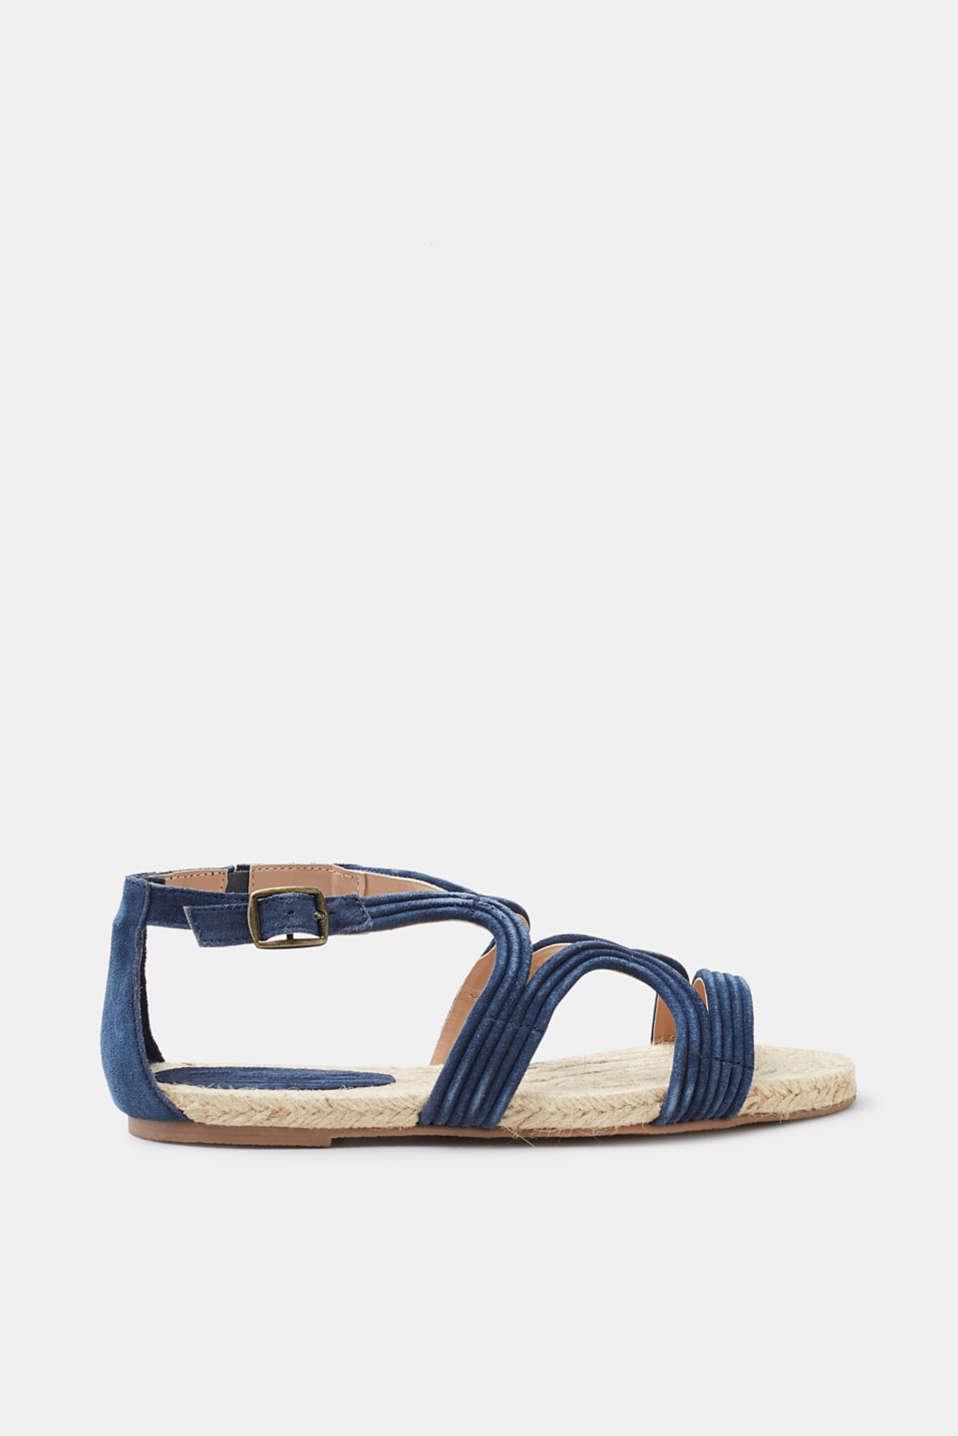 Esprit Sandale mit Bast-Sohle und Leder-Riemen für Damen, Größe 41, Beige